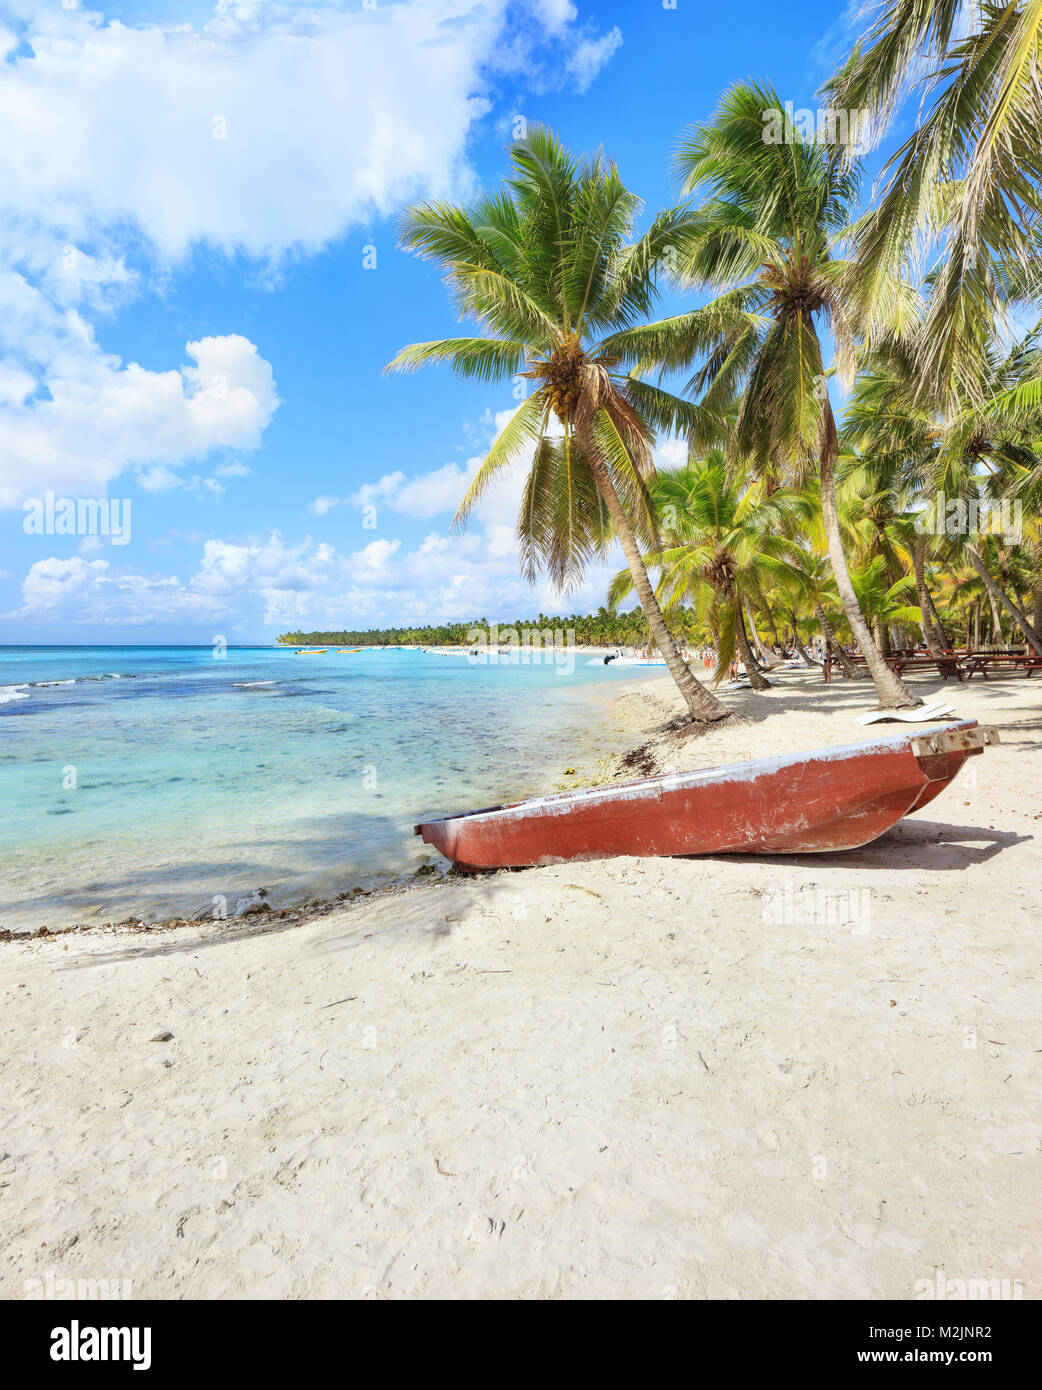 Vacanza in Repubblica Dominicana Immagini Stock